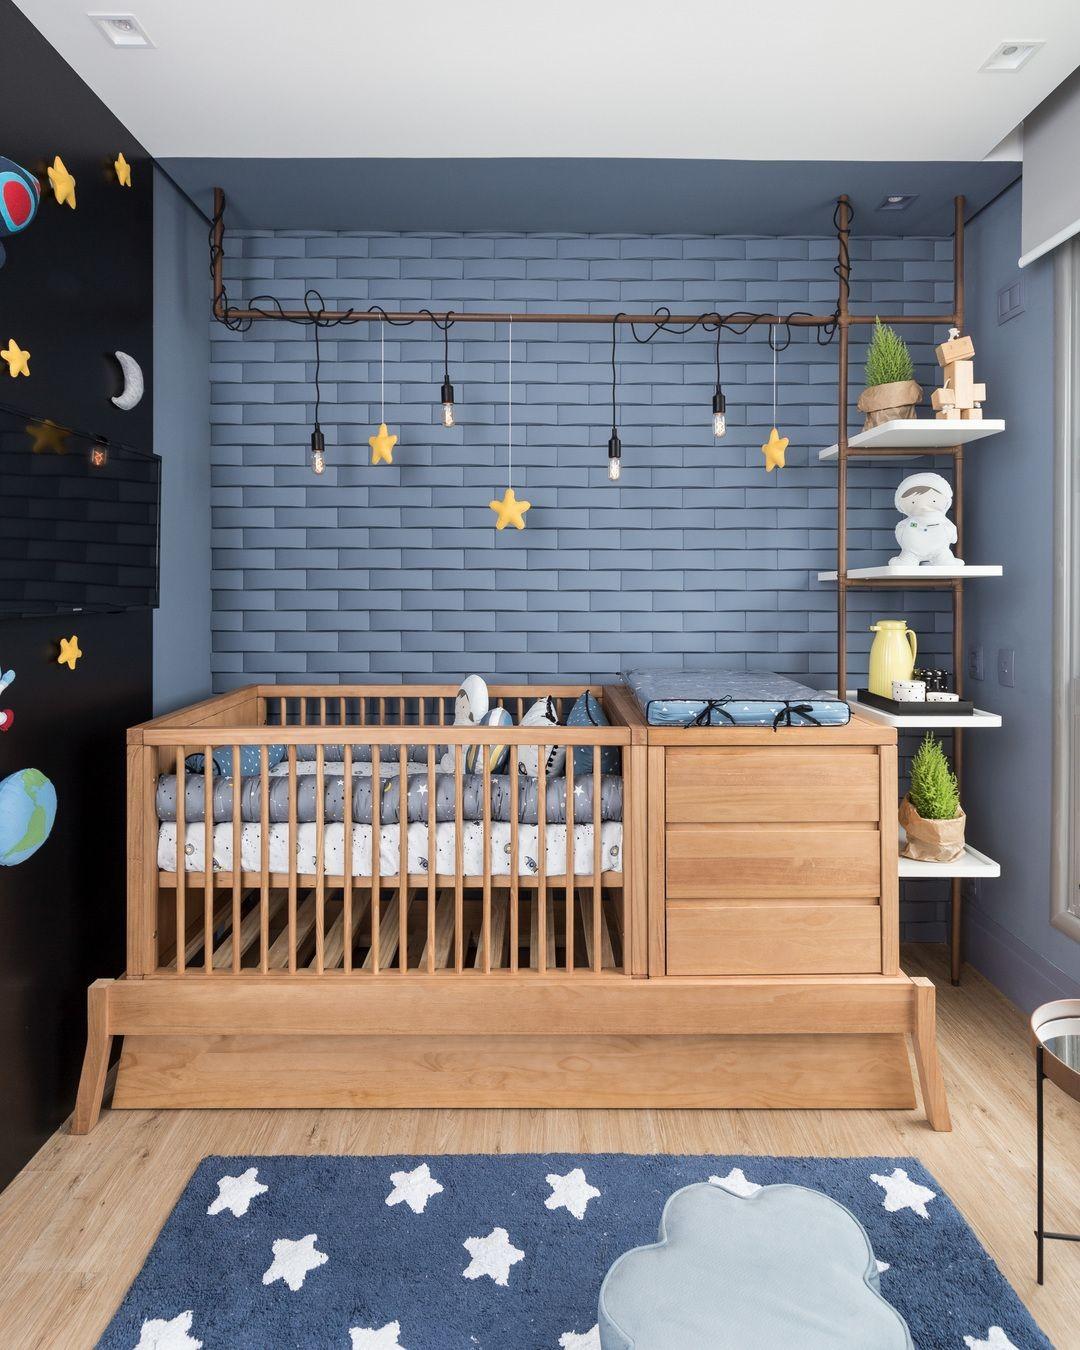 Decoração espacial: ideias para fazer no quarto infantil (Foto: Pinterest)